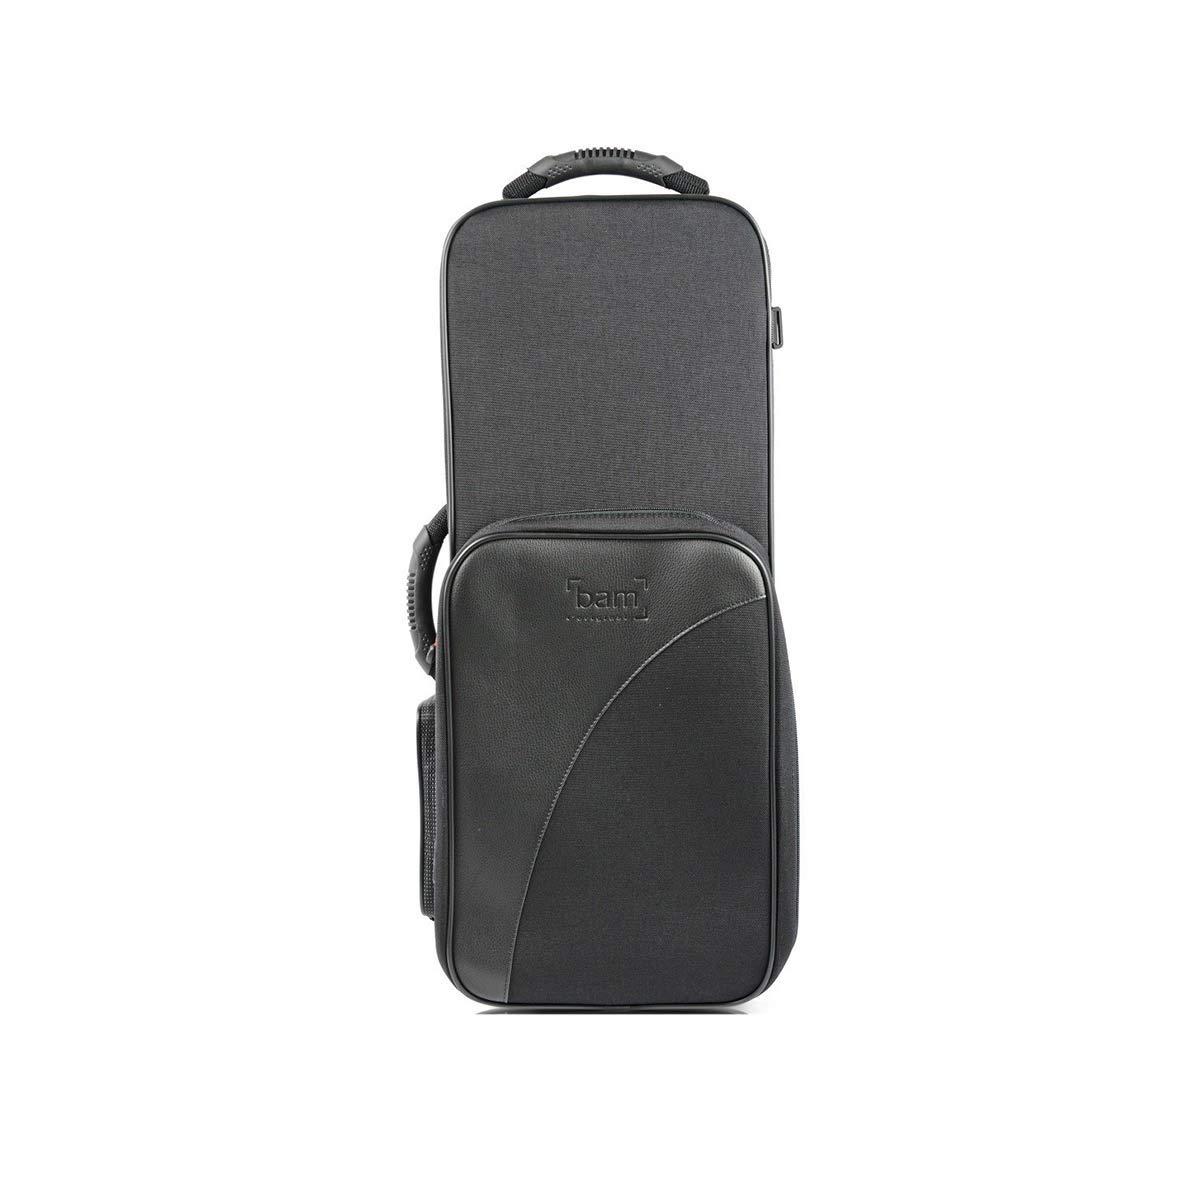 格安新品  BAM 3021S ブラック ブラック アルトサックス用ケース BAM B07M7LRJBB トレッキング バム B07M7LRJBB, cuore plus:06410ac9 --- svecha37.ru